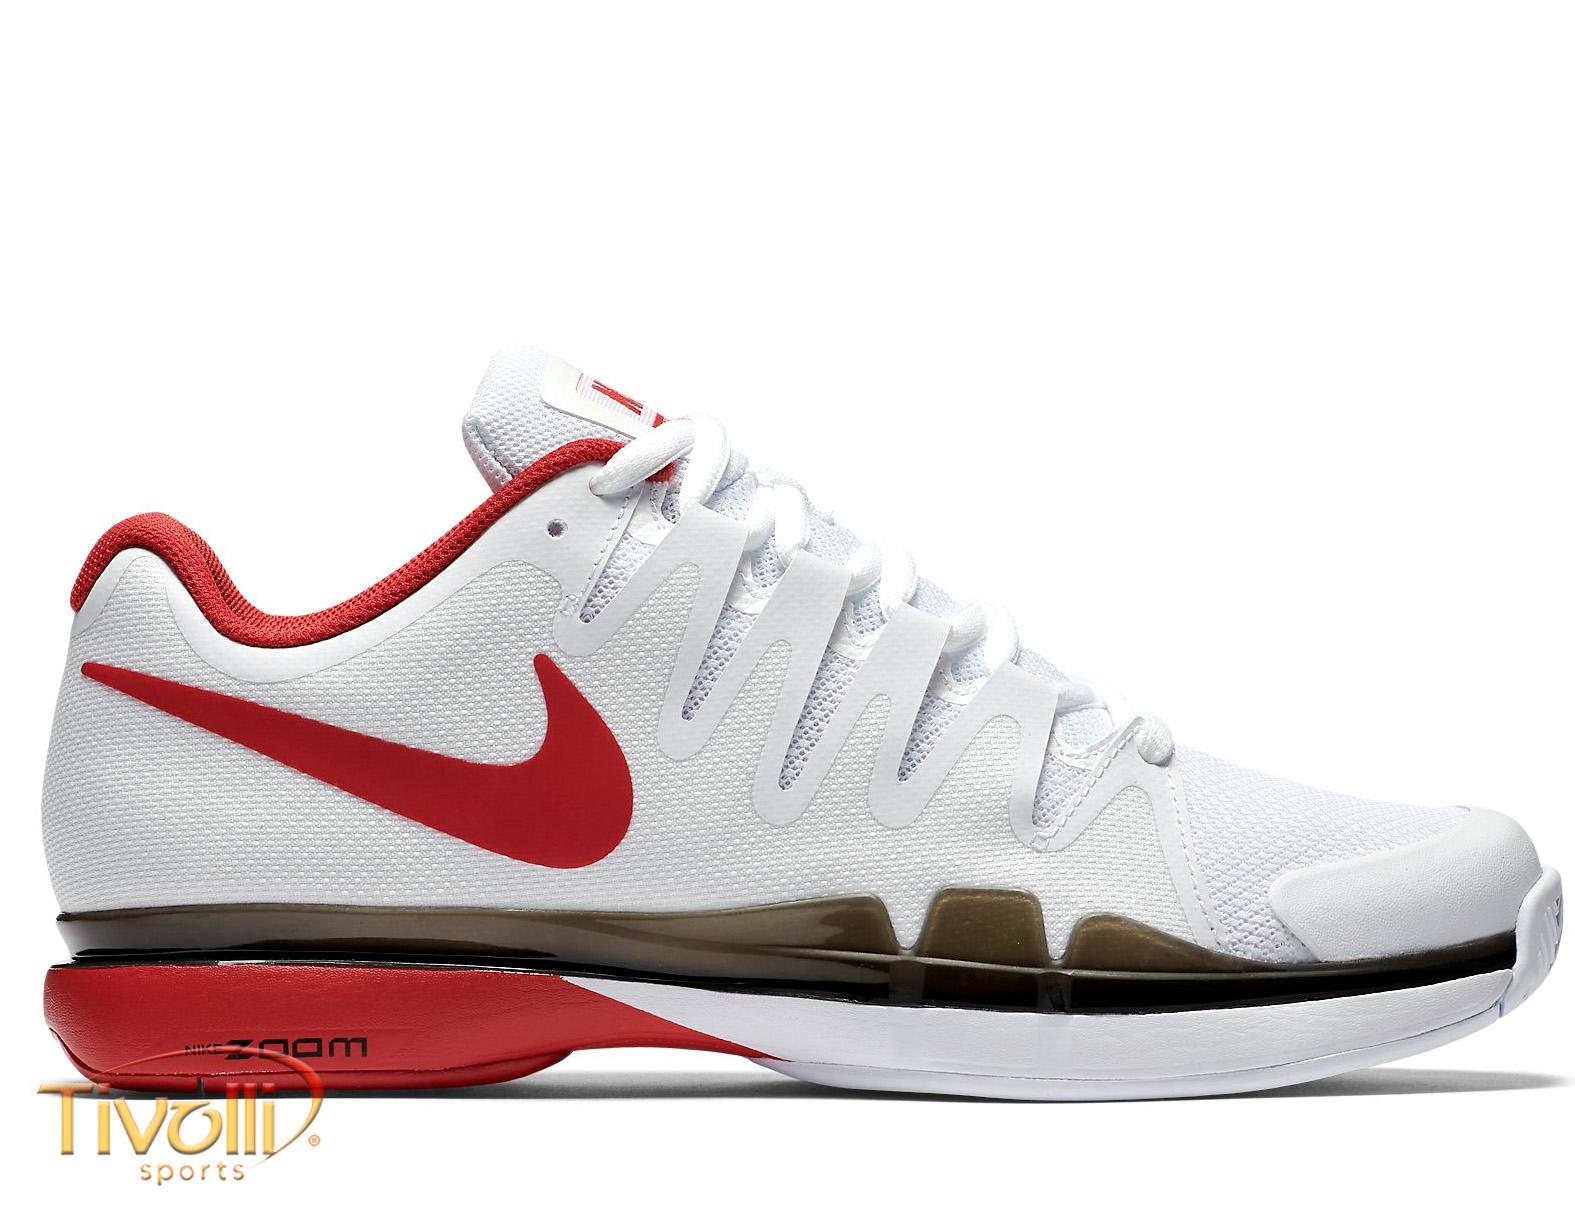 262017ba559ca Tênis Nike Zoom Vapor 9.5 Tour   Masculino Branco e Vermelho